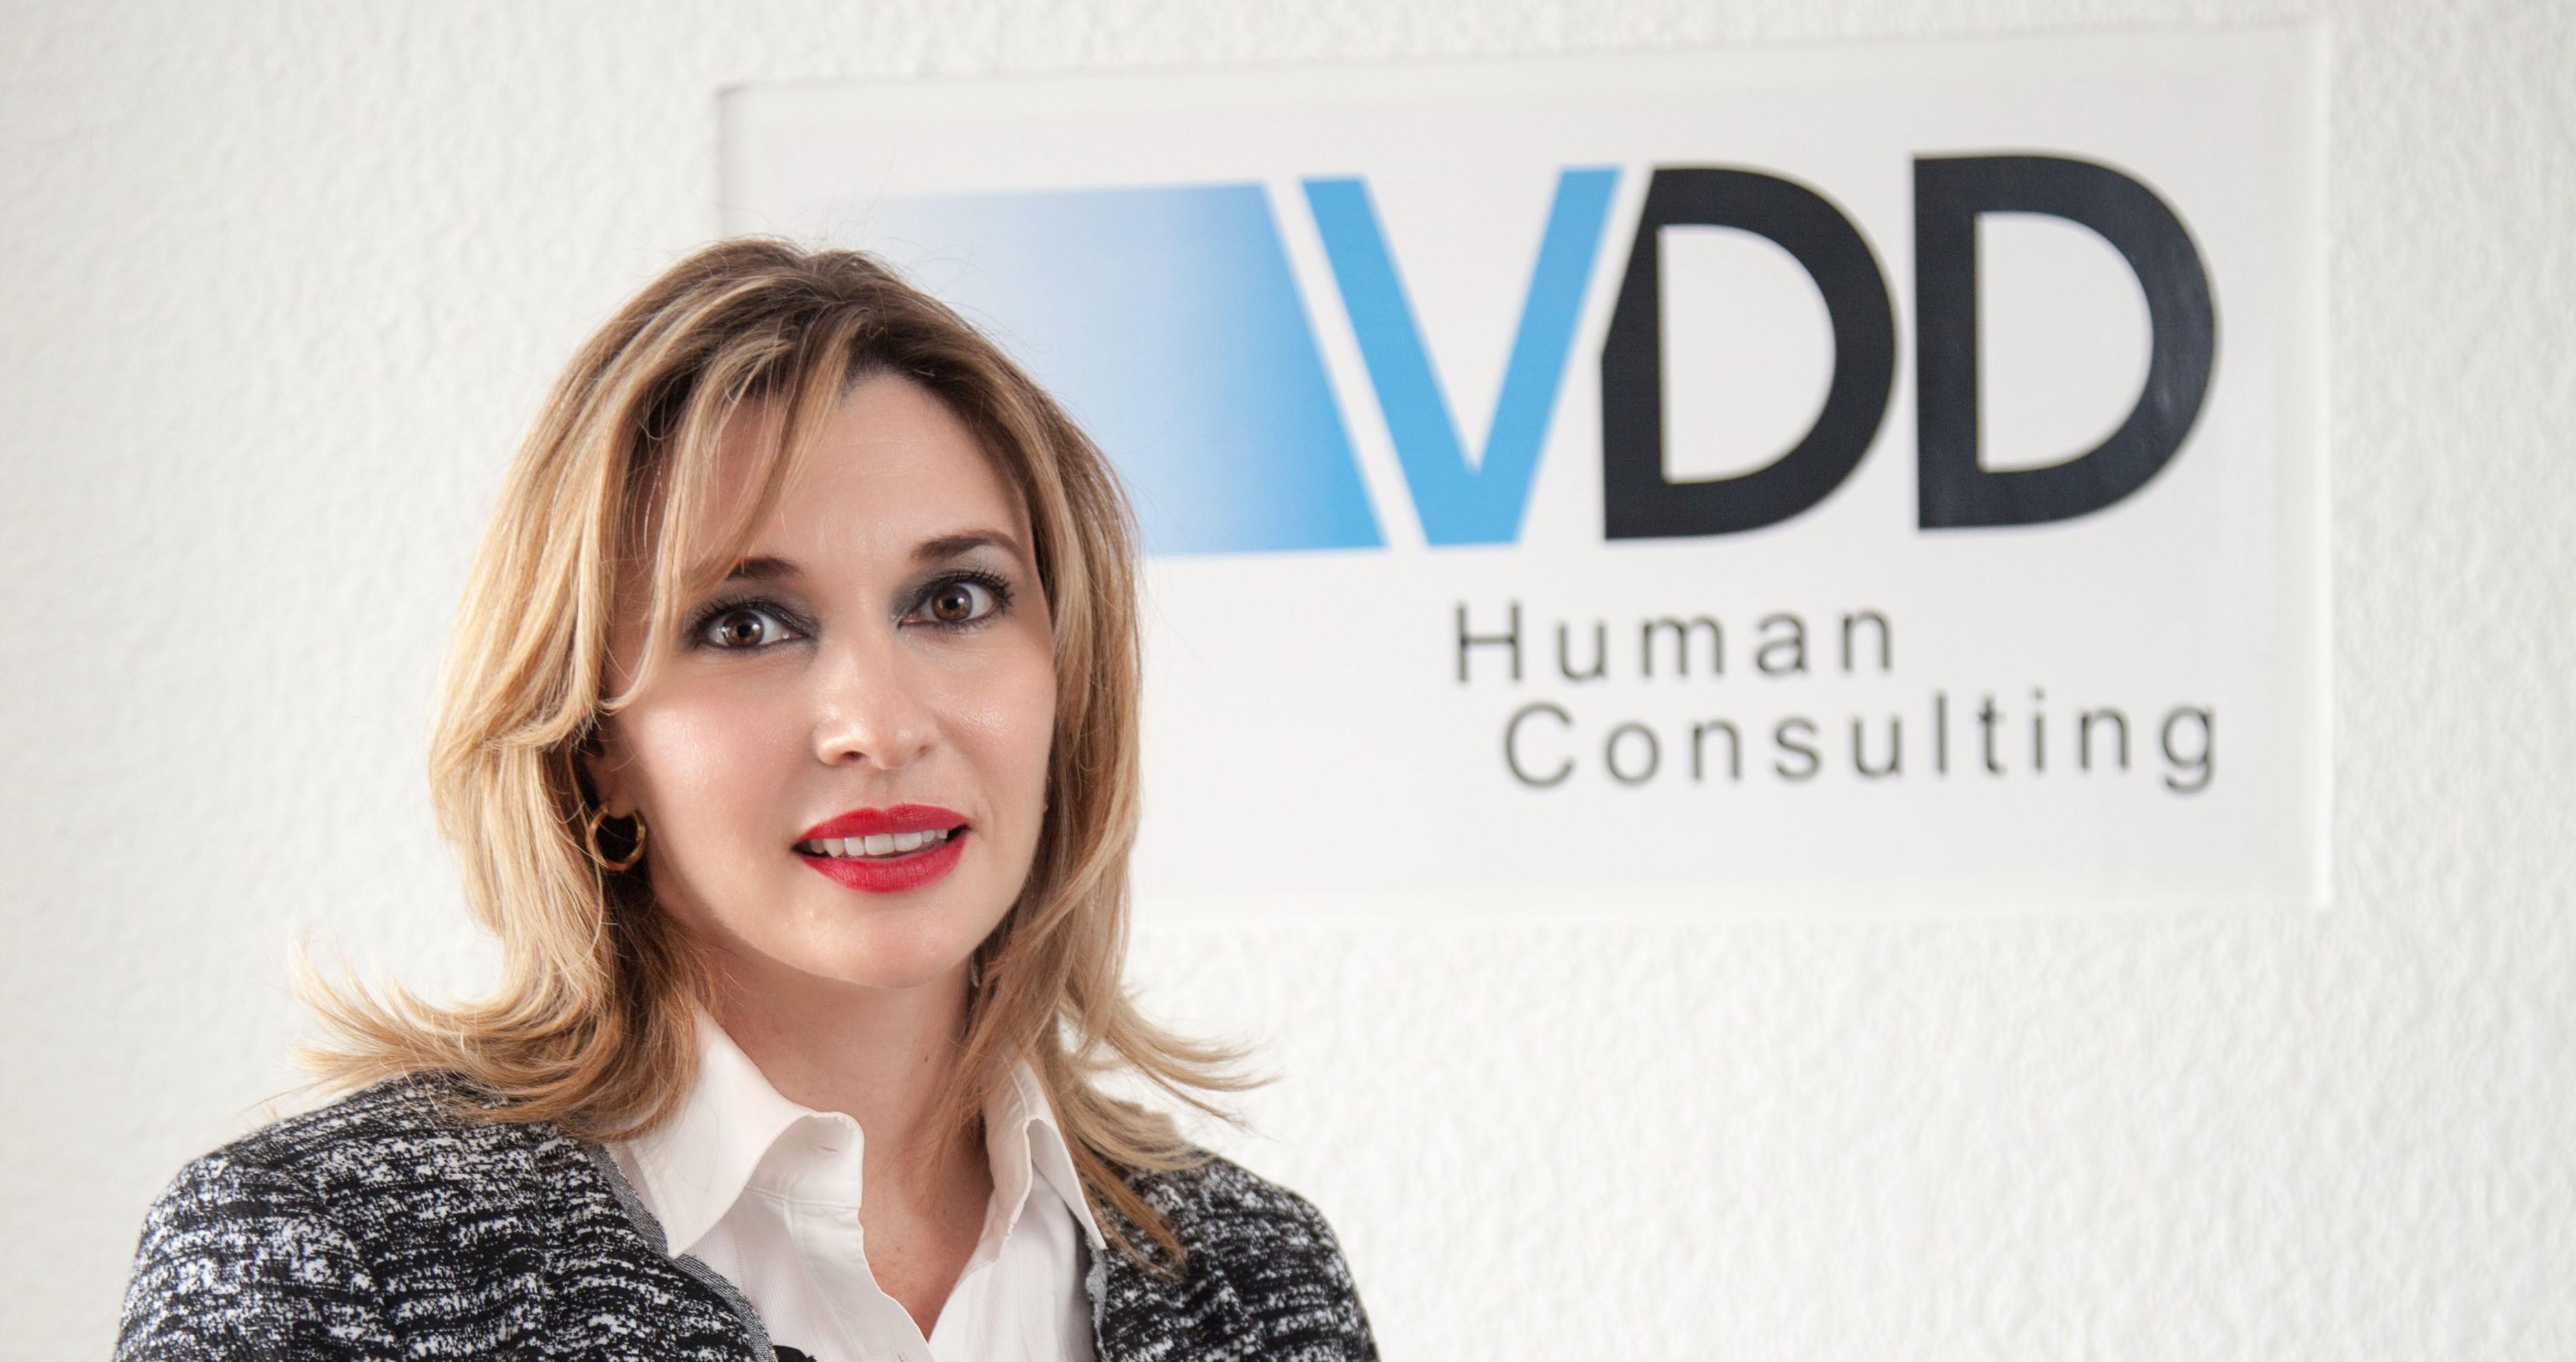 Entrevista Viviana Díaz, VDD Human Consulting, Rankia